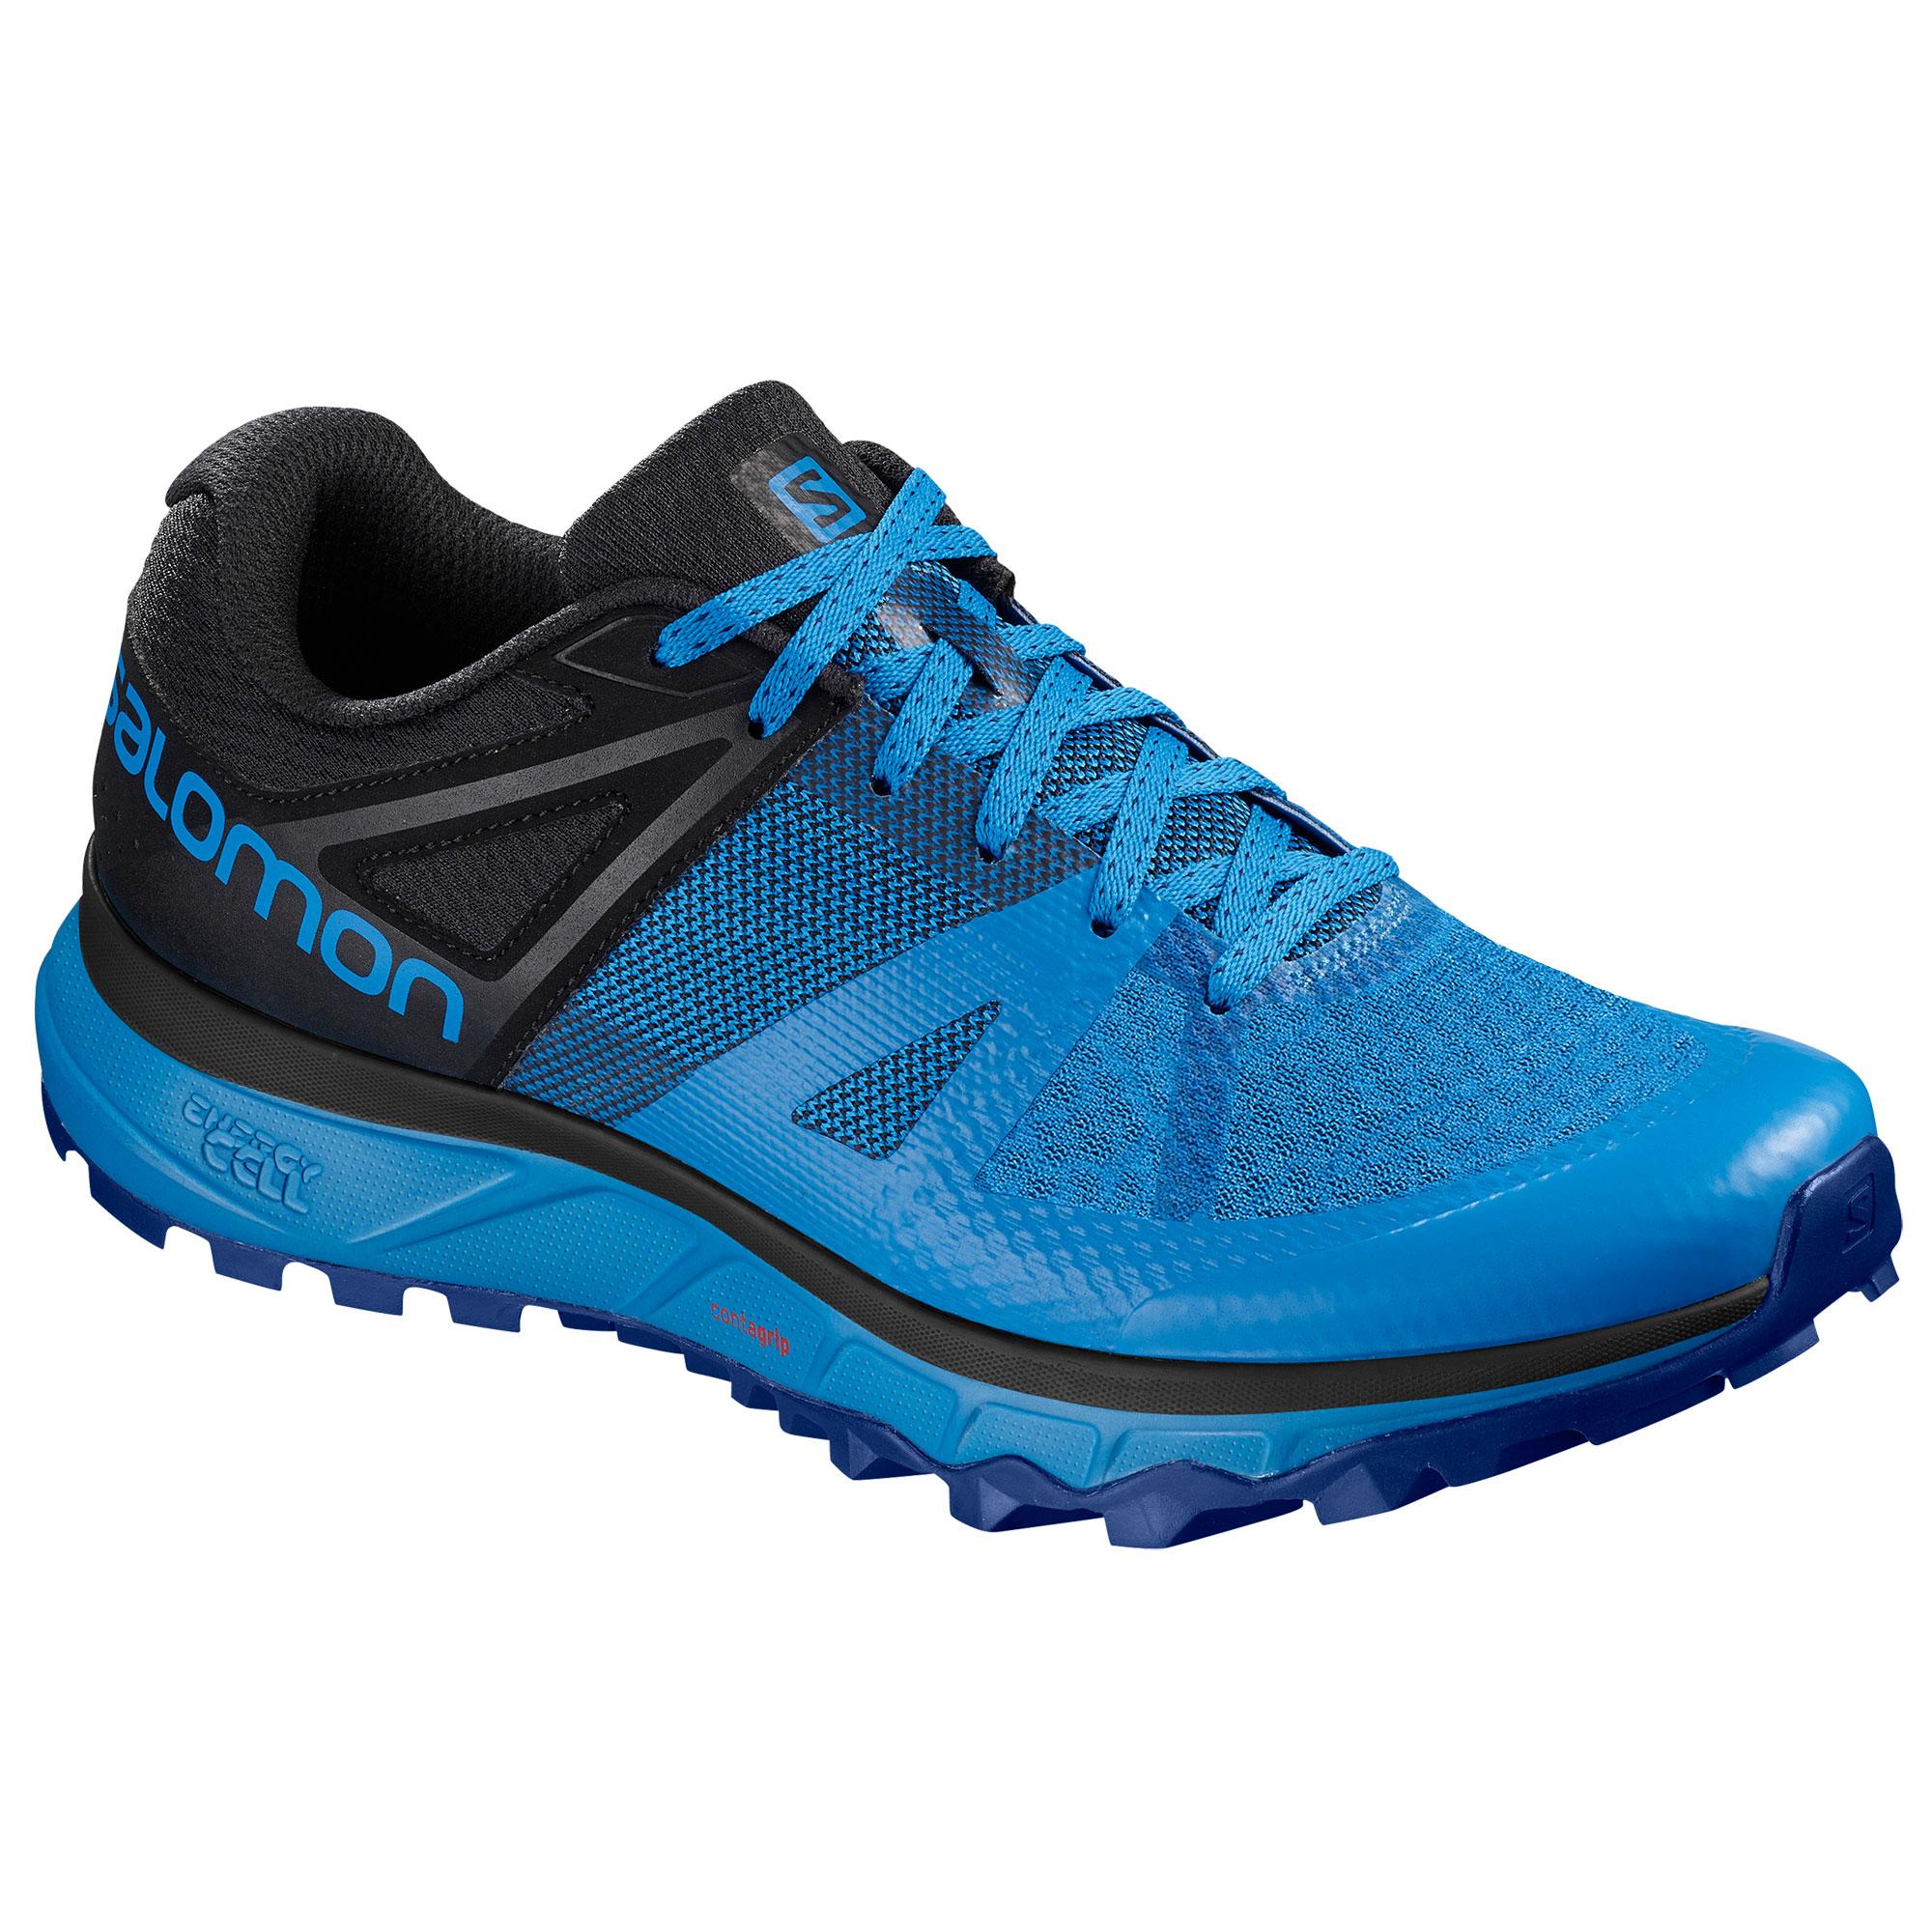 Salomon Trailster Trailrunning Shoe Mens